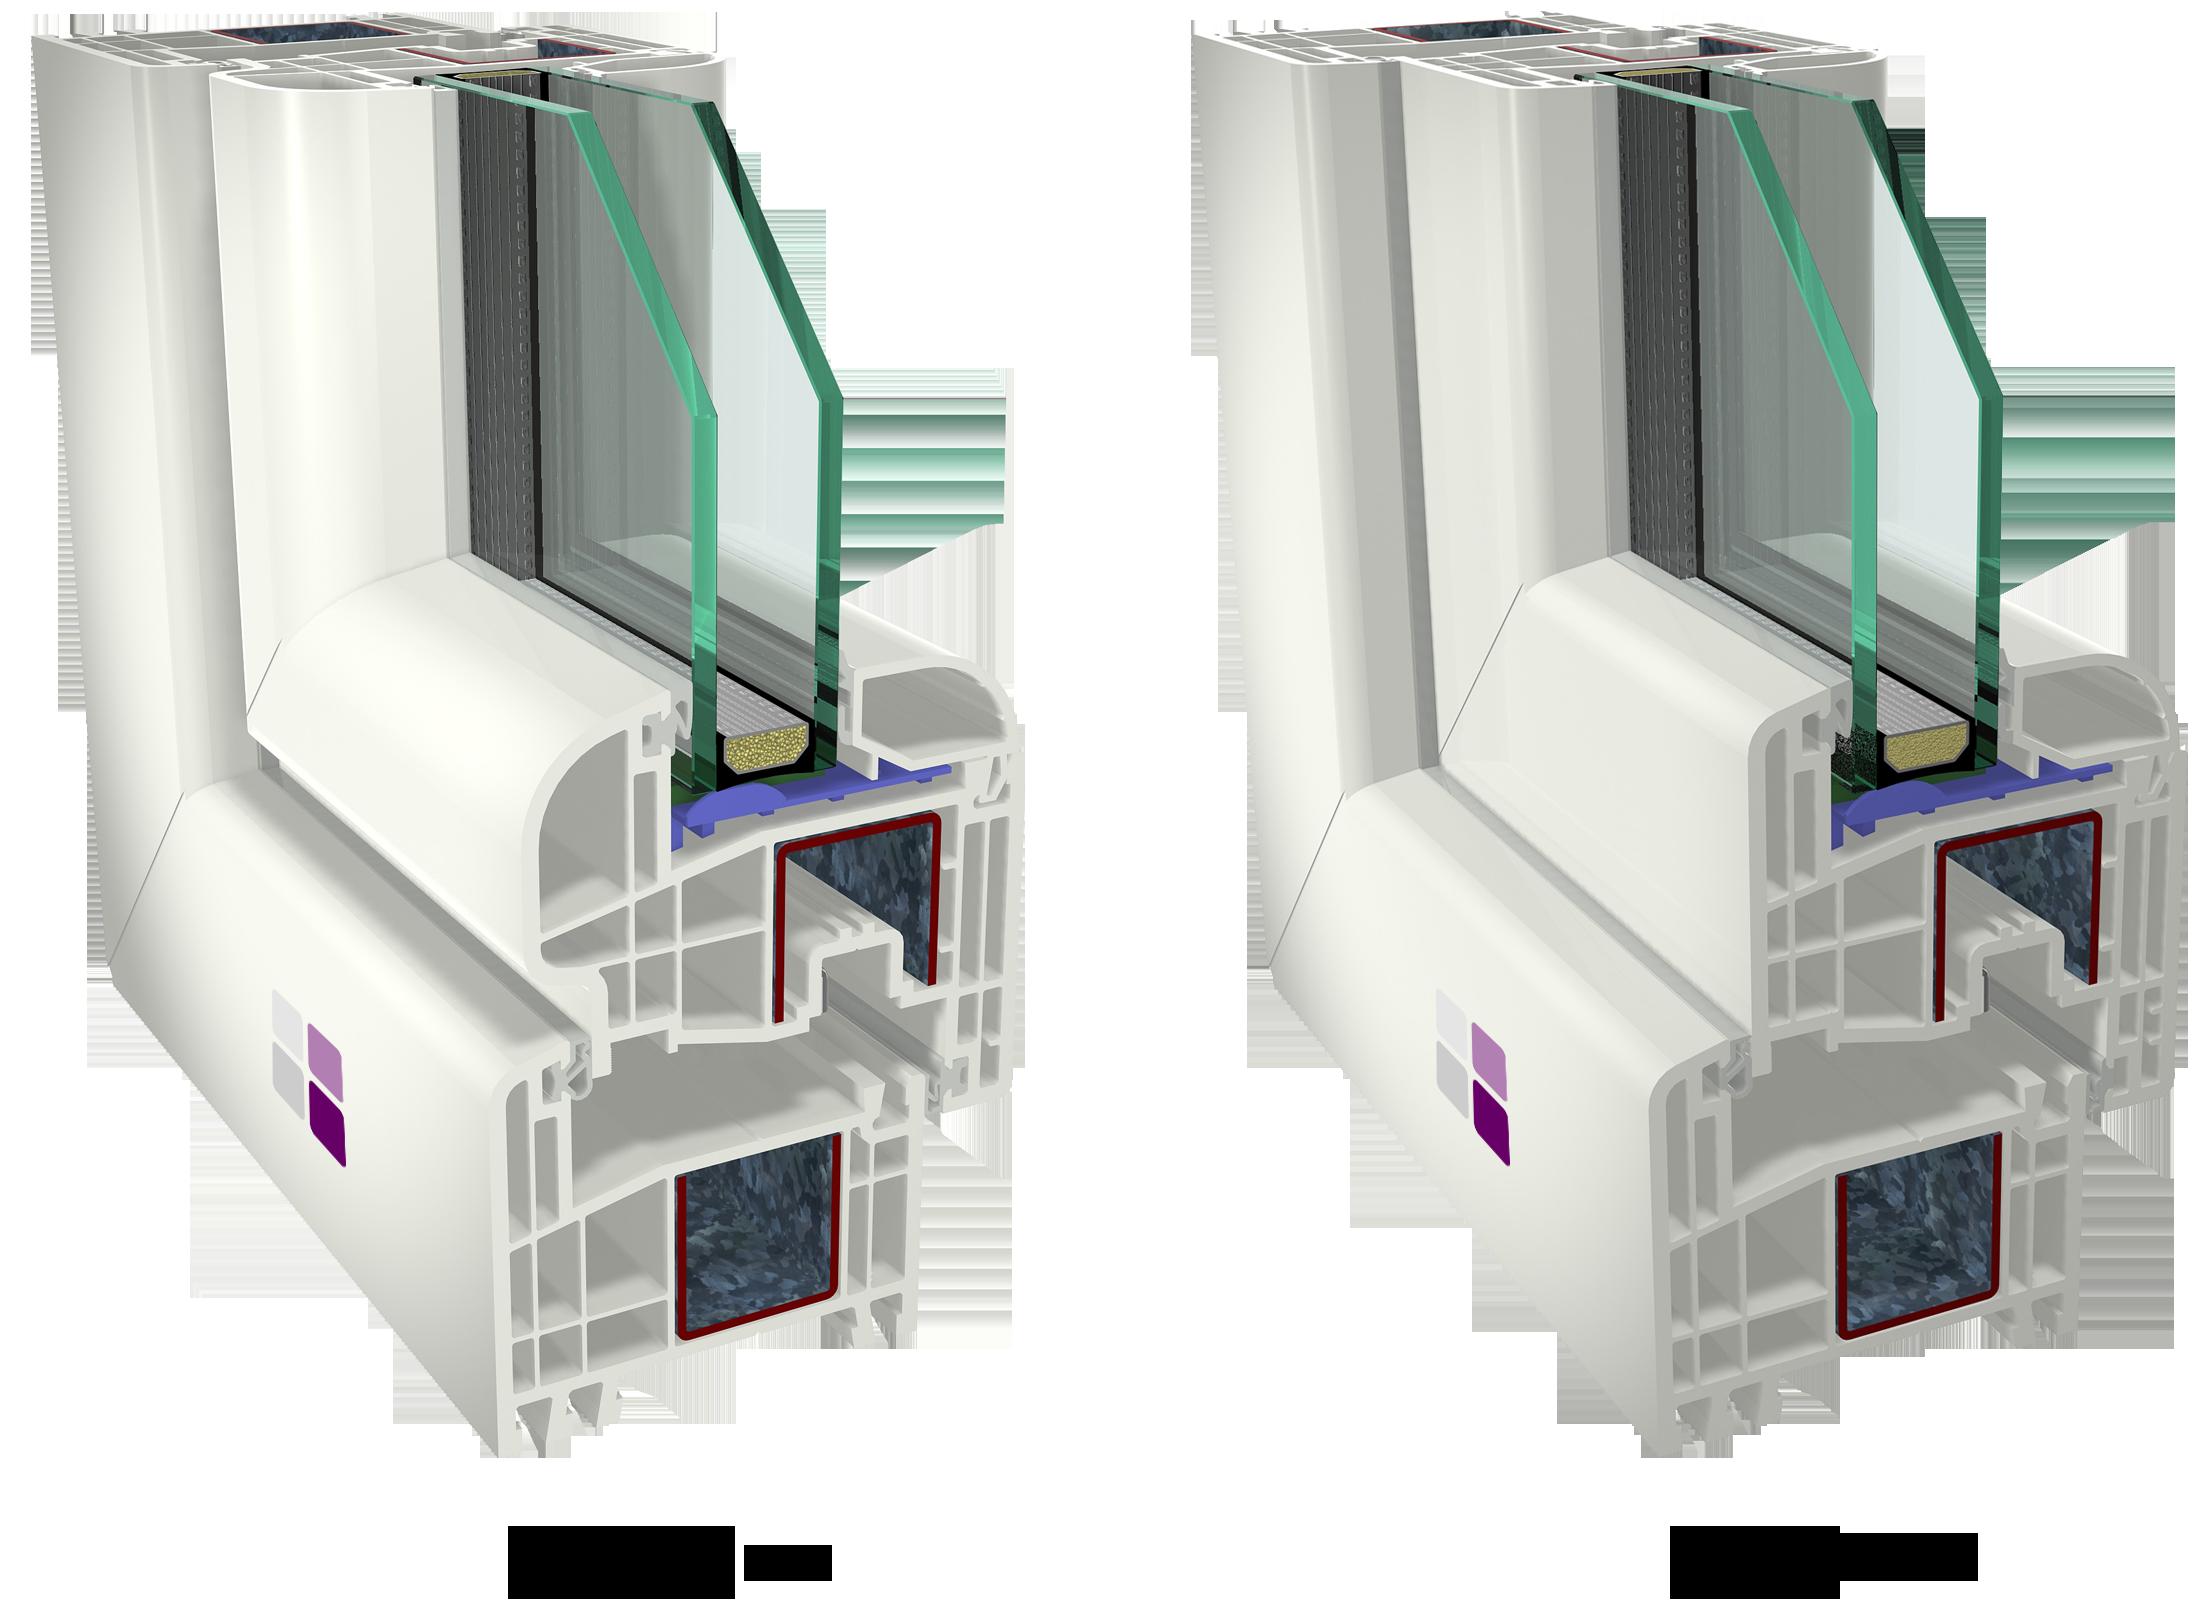 Ventana Cálida PVC Clásica con hoja curva y hoja recta. Dos estilos diferentes: clásico u orientado al diseño.